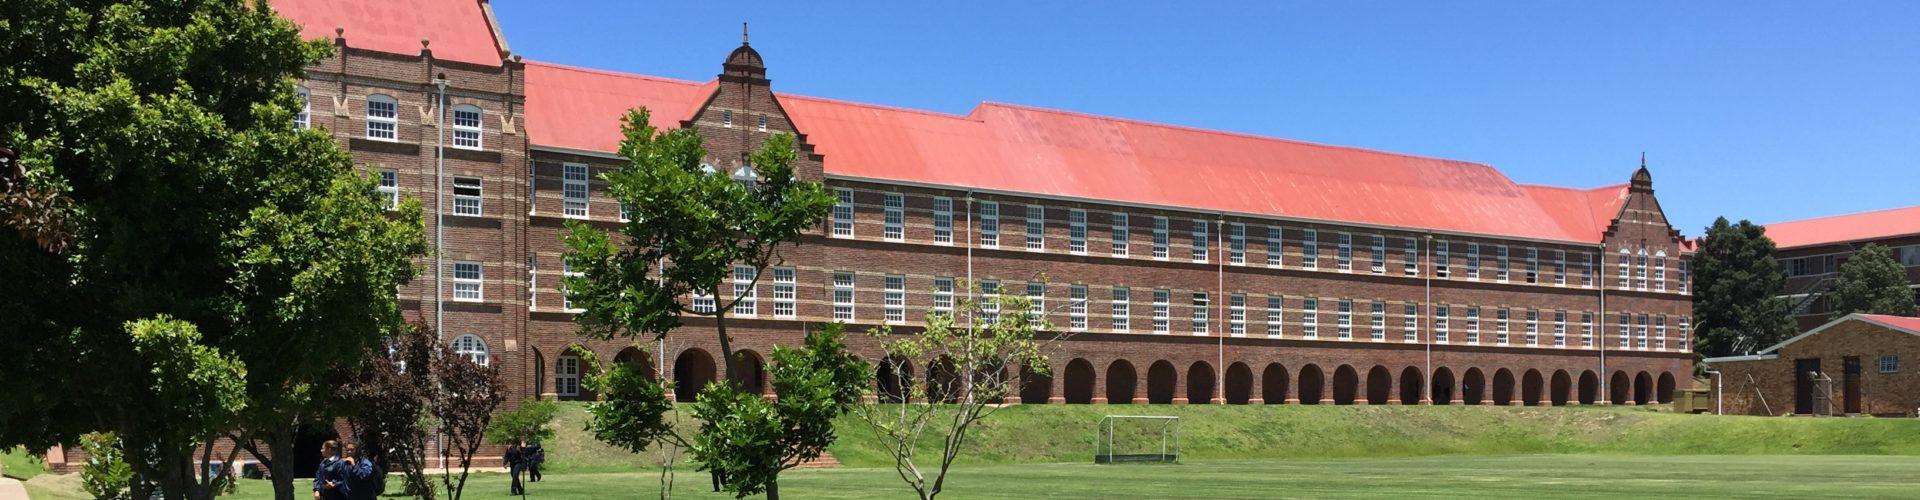 Victoria Girls' High School